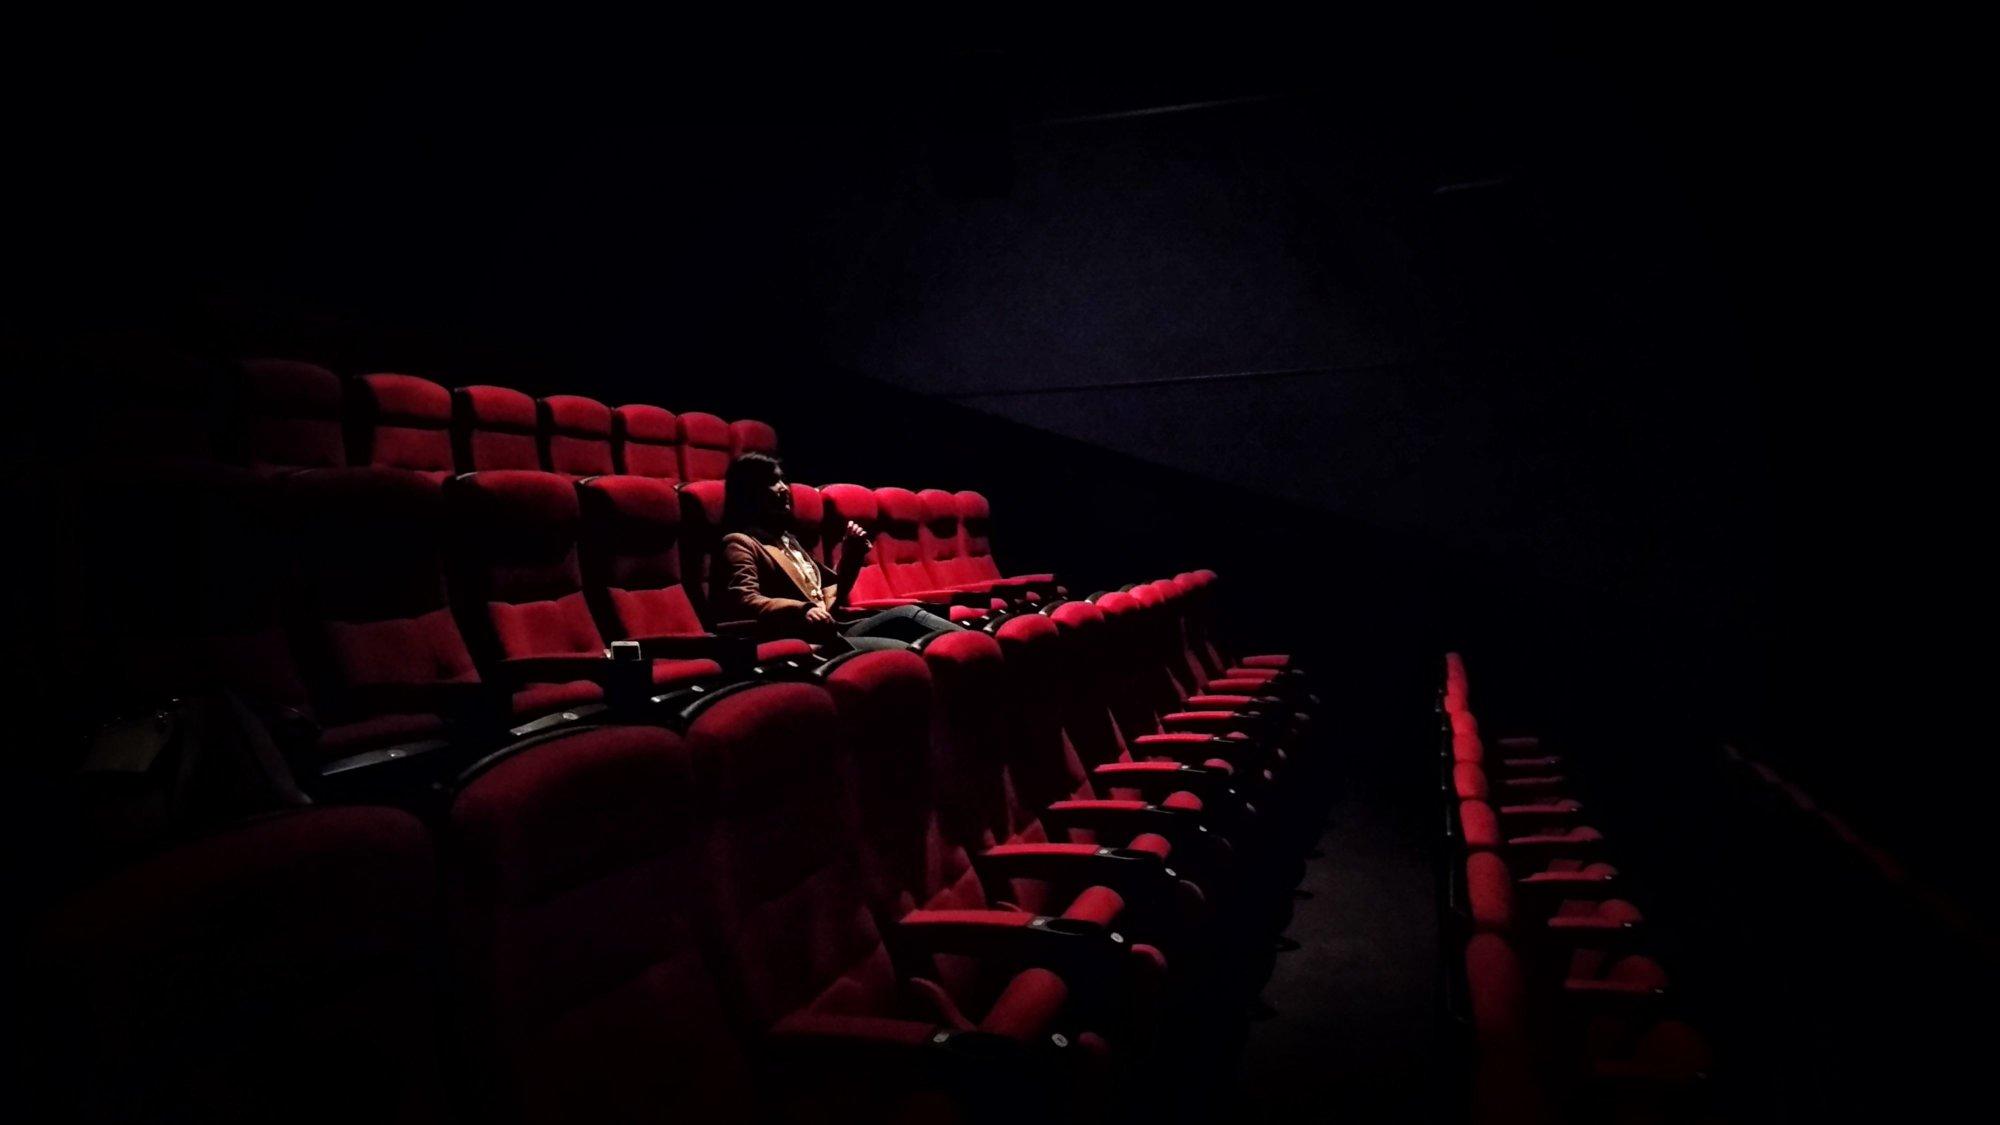 Незалежний та камерний: у столиці відкривається новий кінотеатр